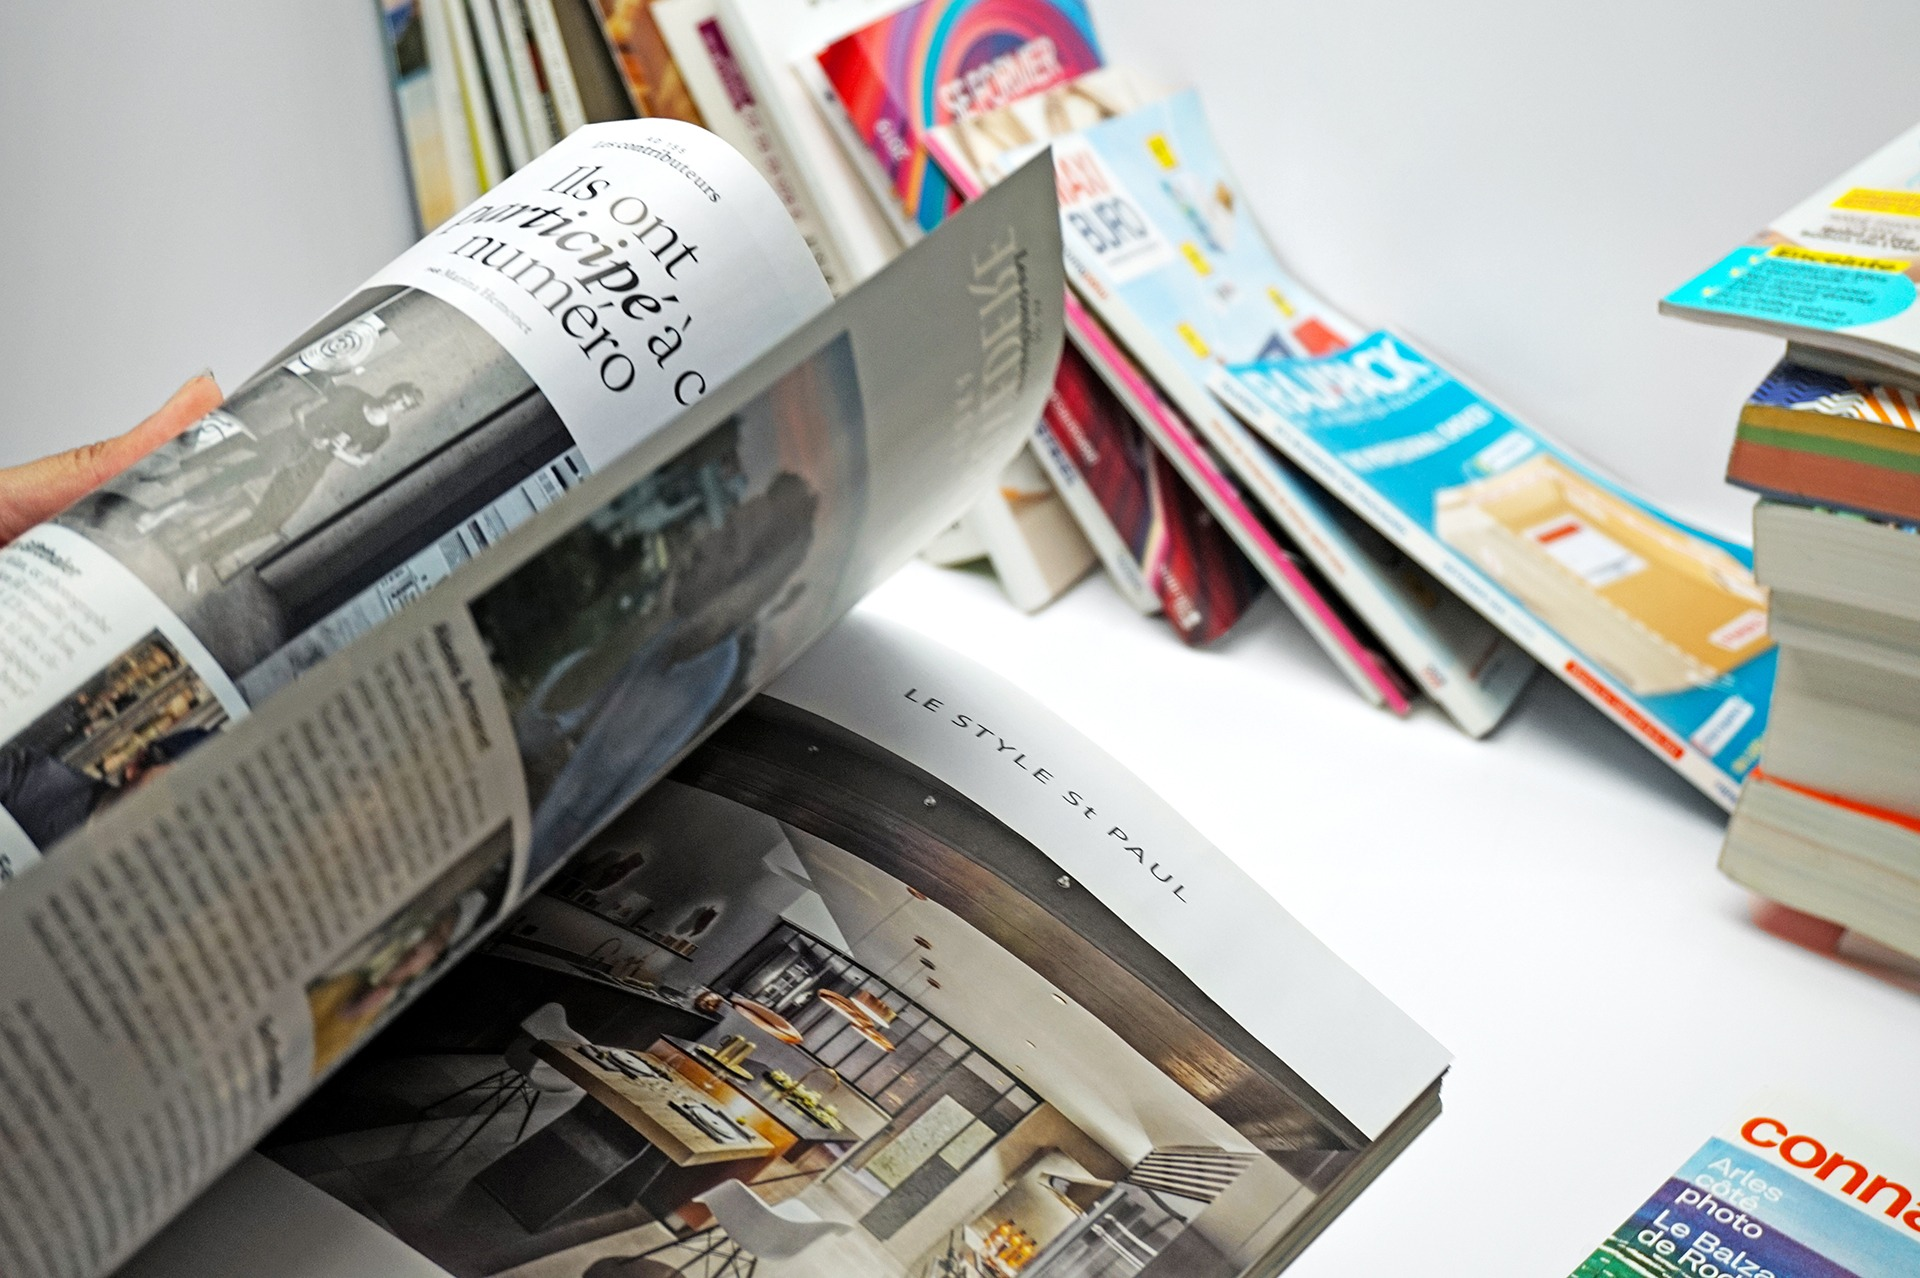 Présentation de nos magazines de marque, dit magalogue